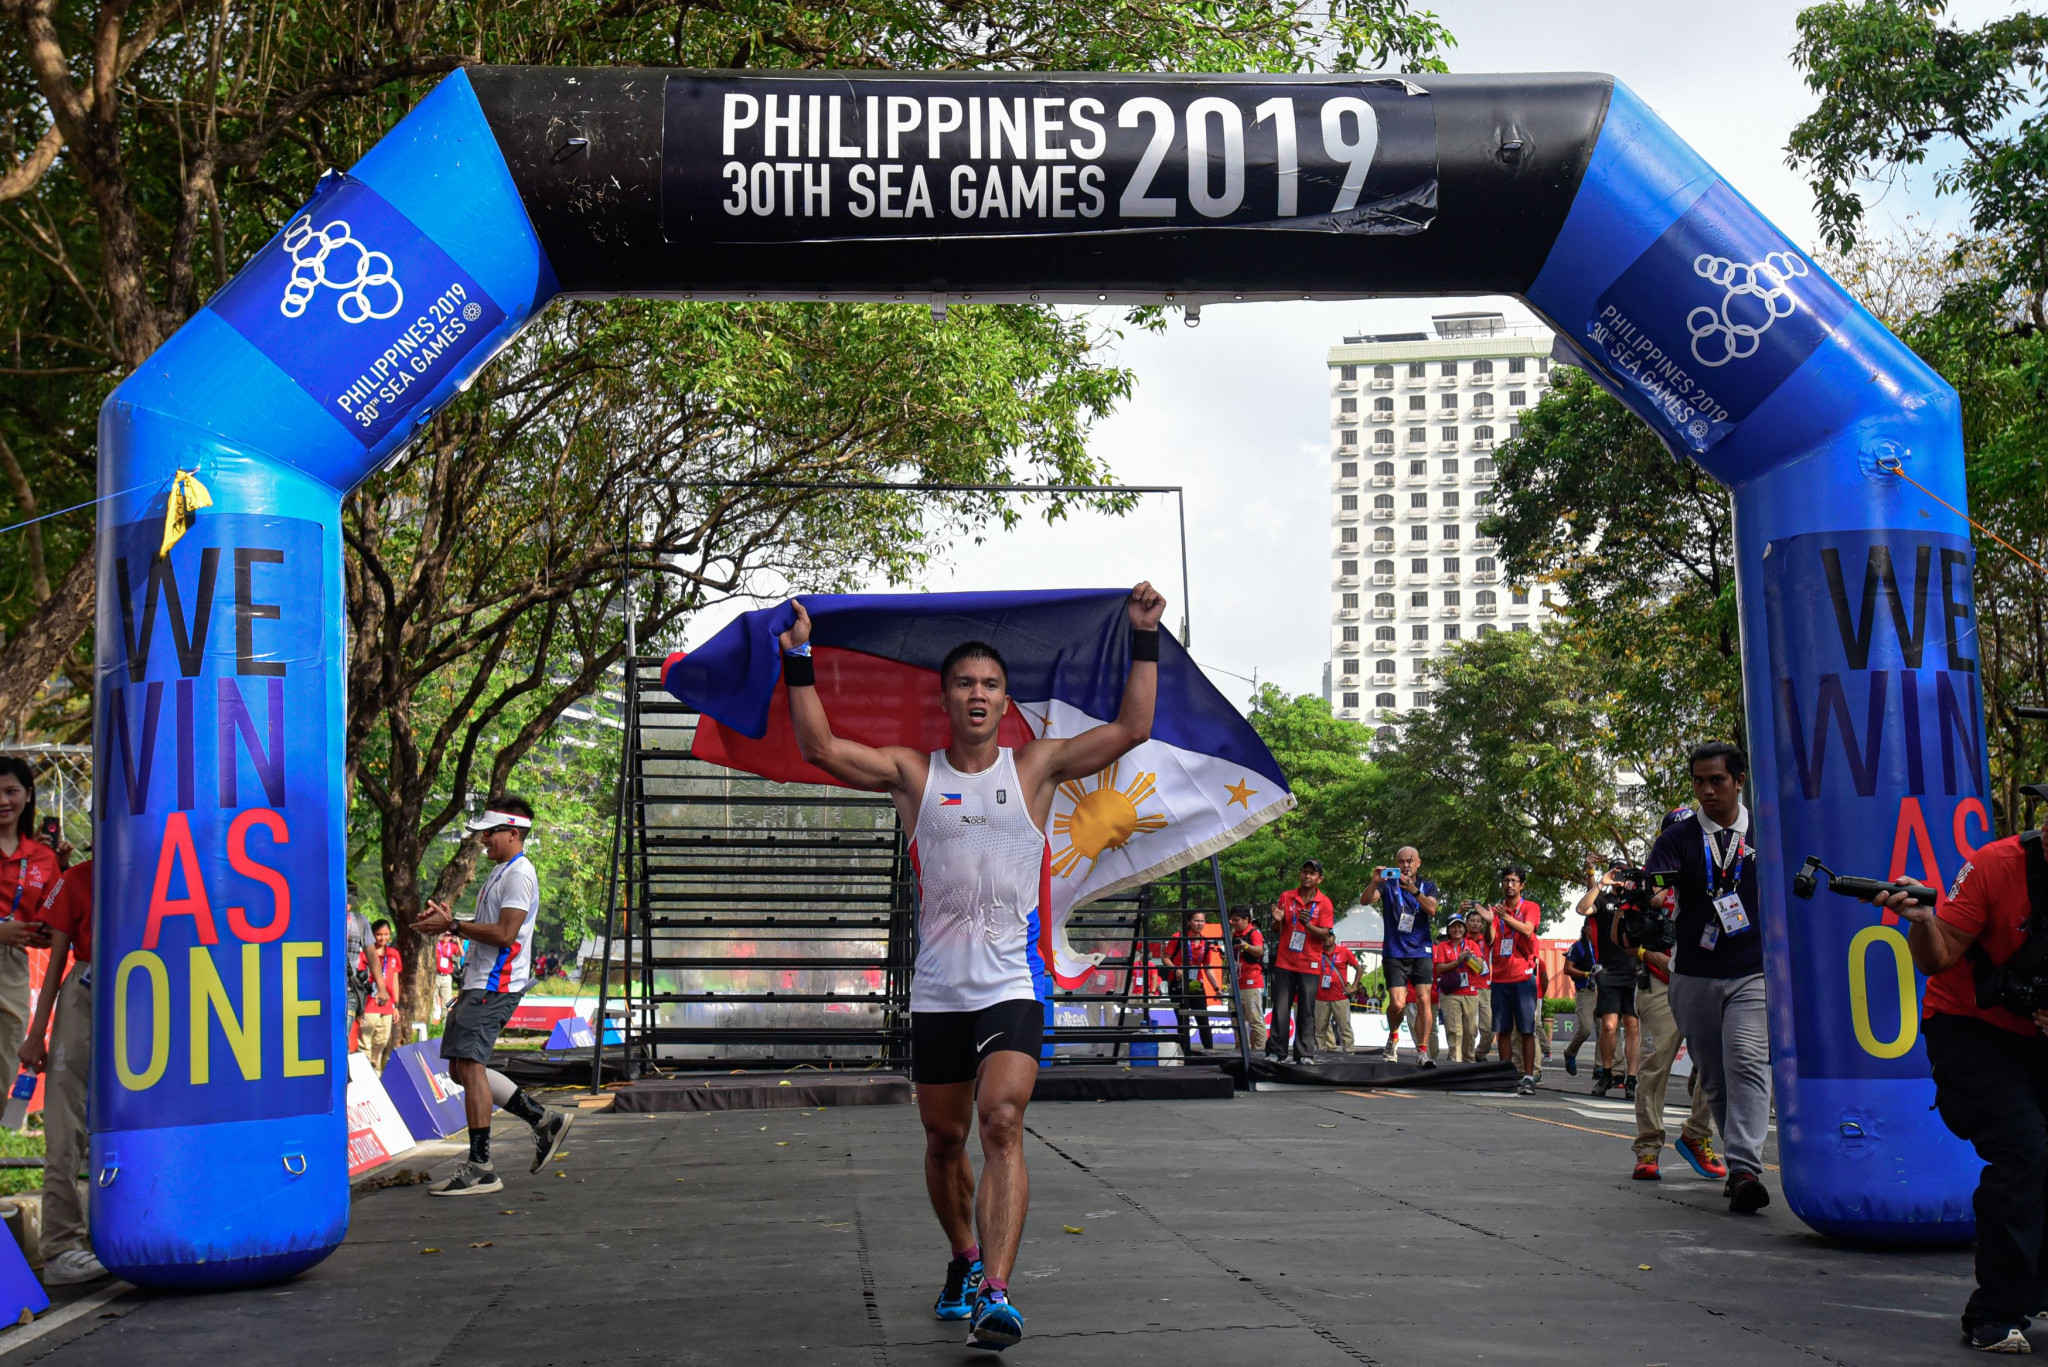 La corsa ad ostacoli era parte del programma di giochi del Sud Est asiatico del 2019 © Getty Images